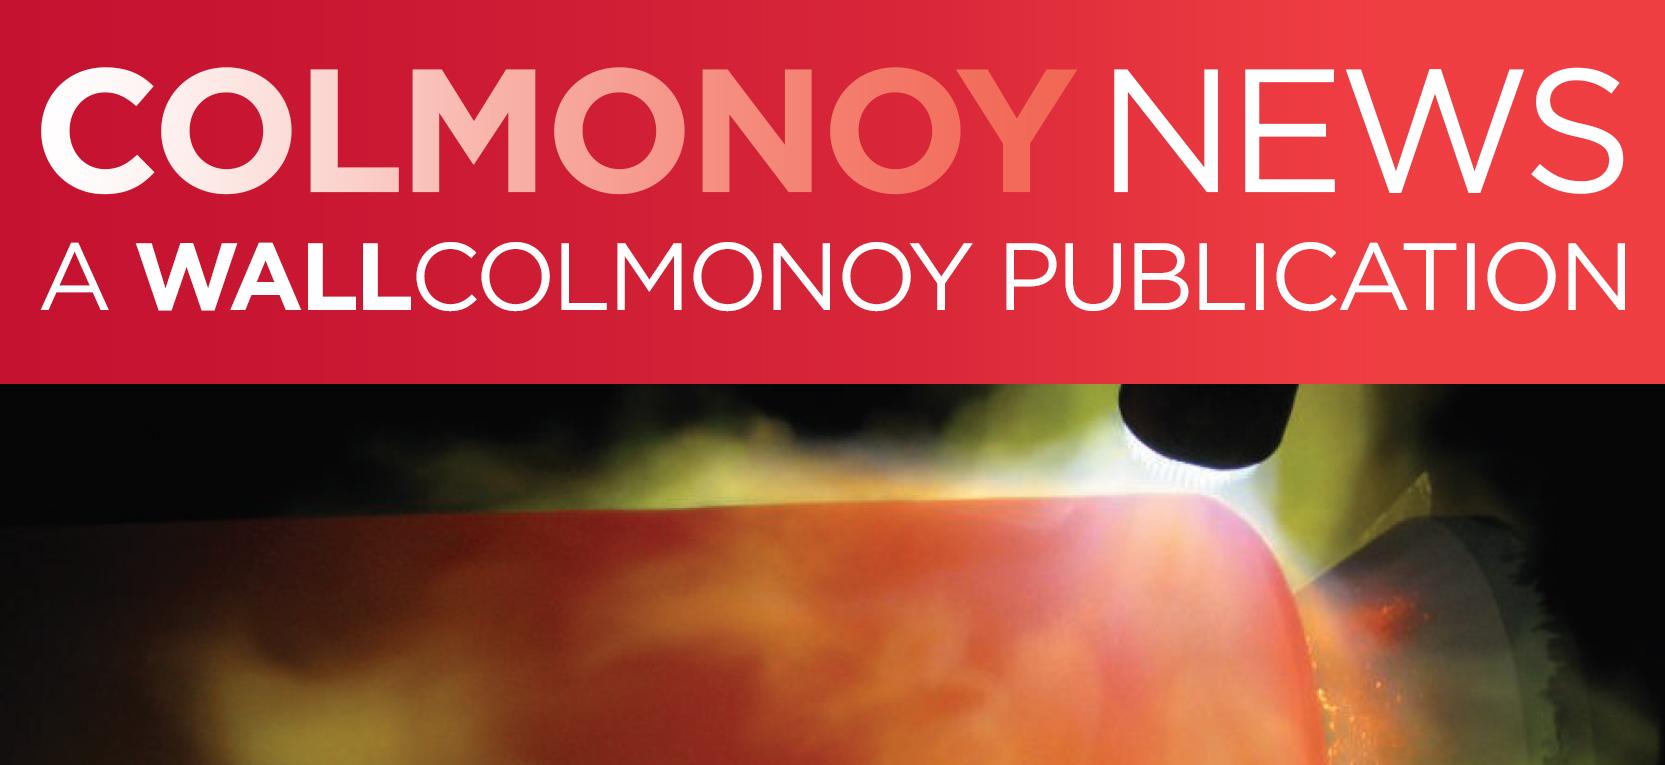 <h1>Colmonoy News</h1>